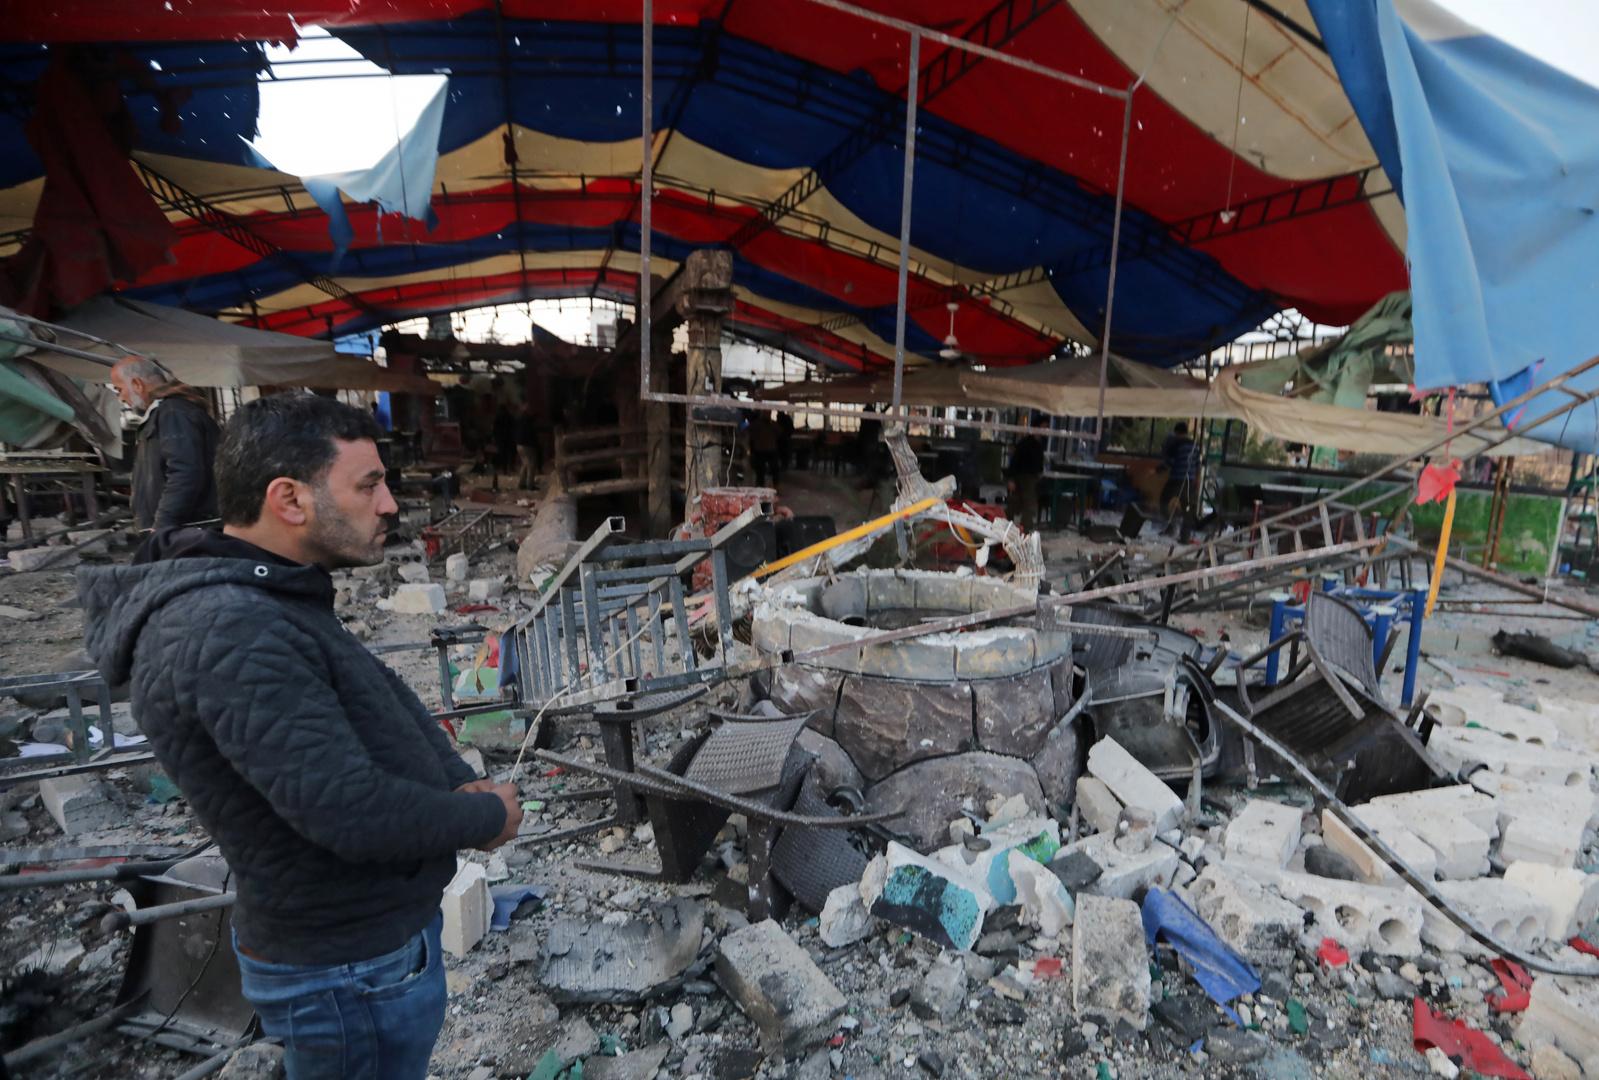 قتلى وجرحى جراء انفجار في رأس العين بشمالي سوريا